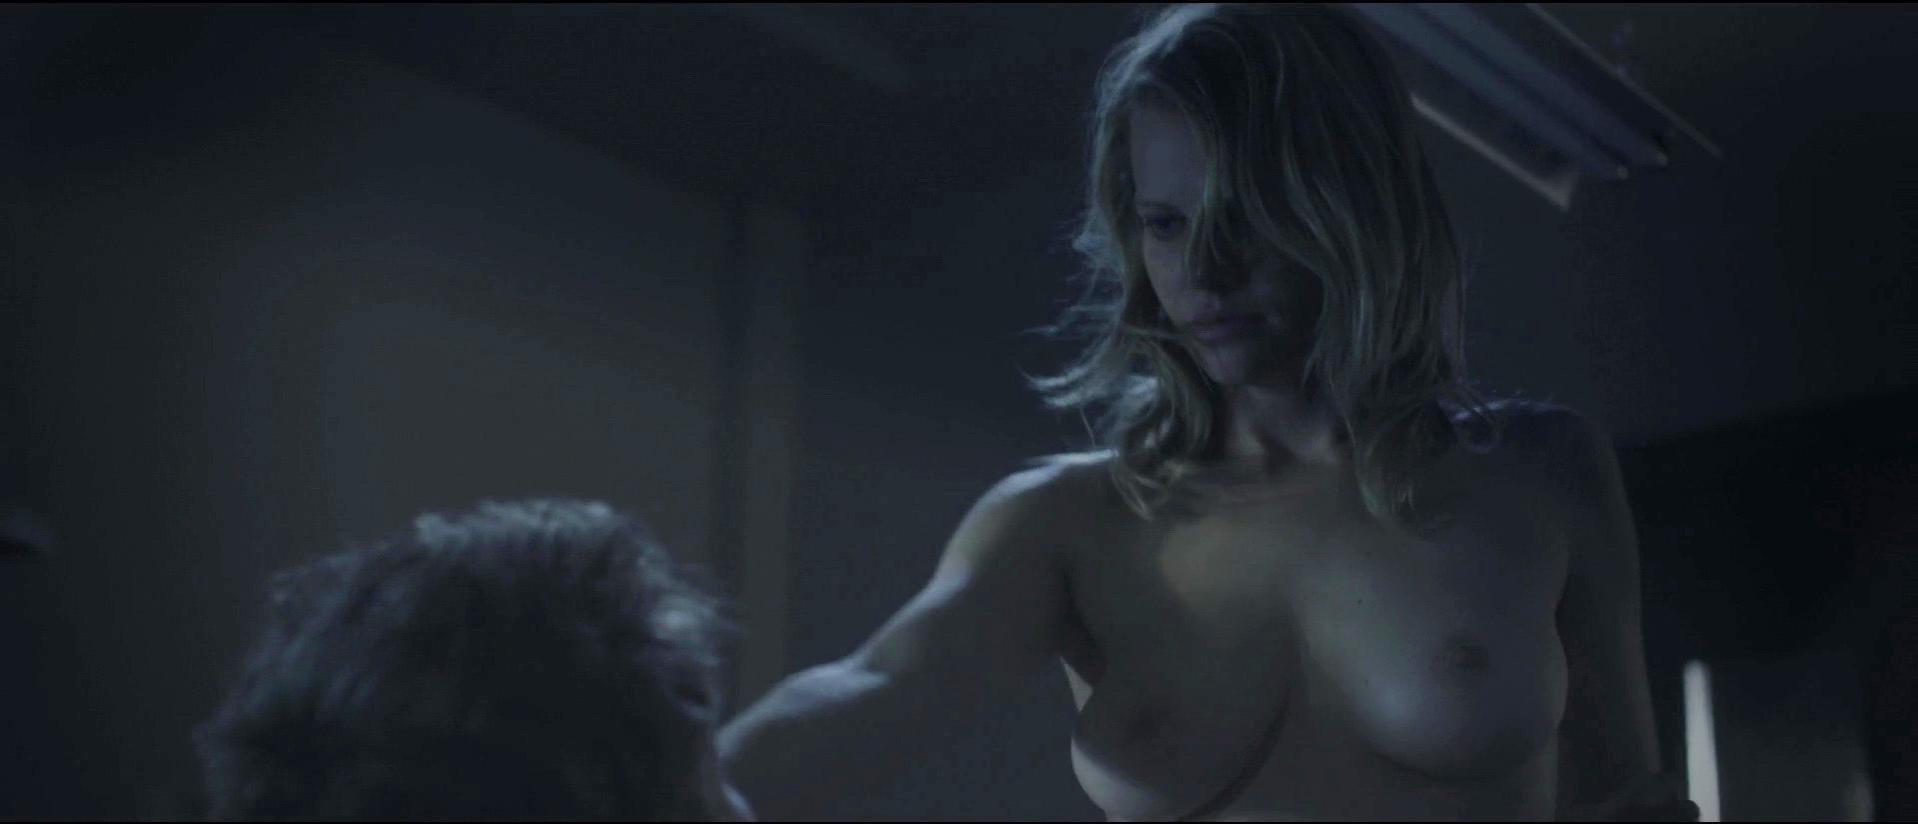 mircea monroe nude